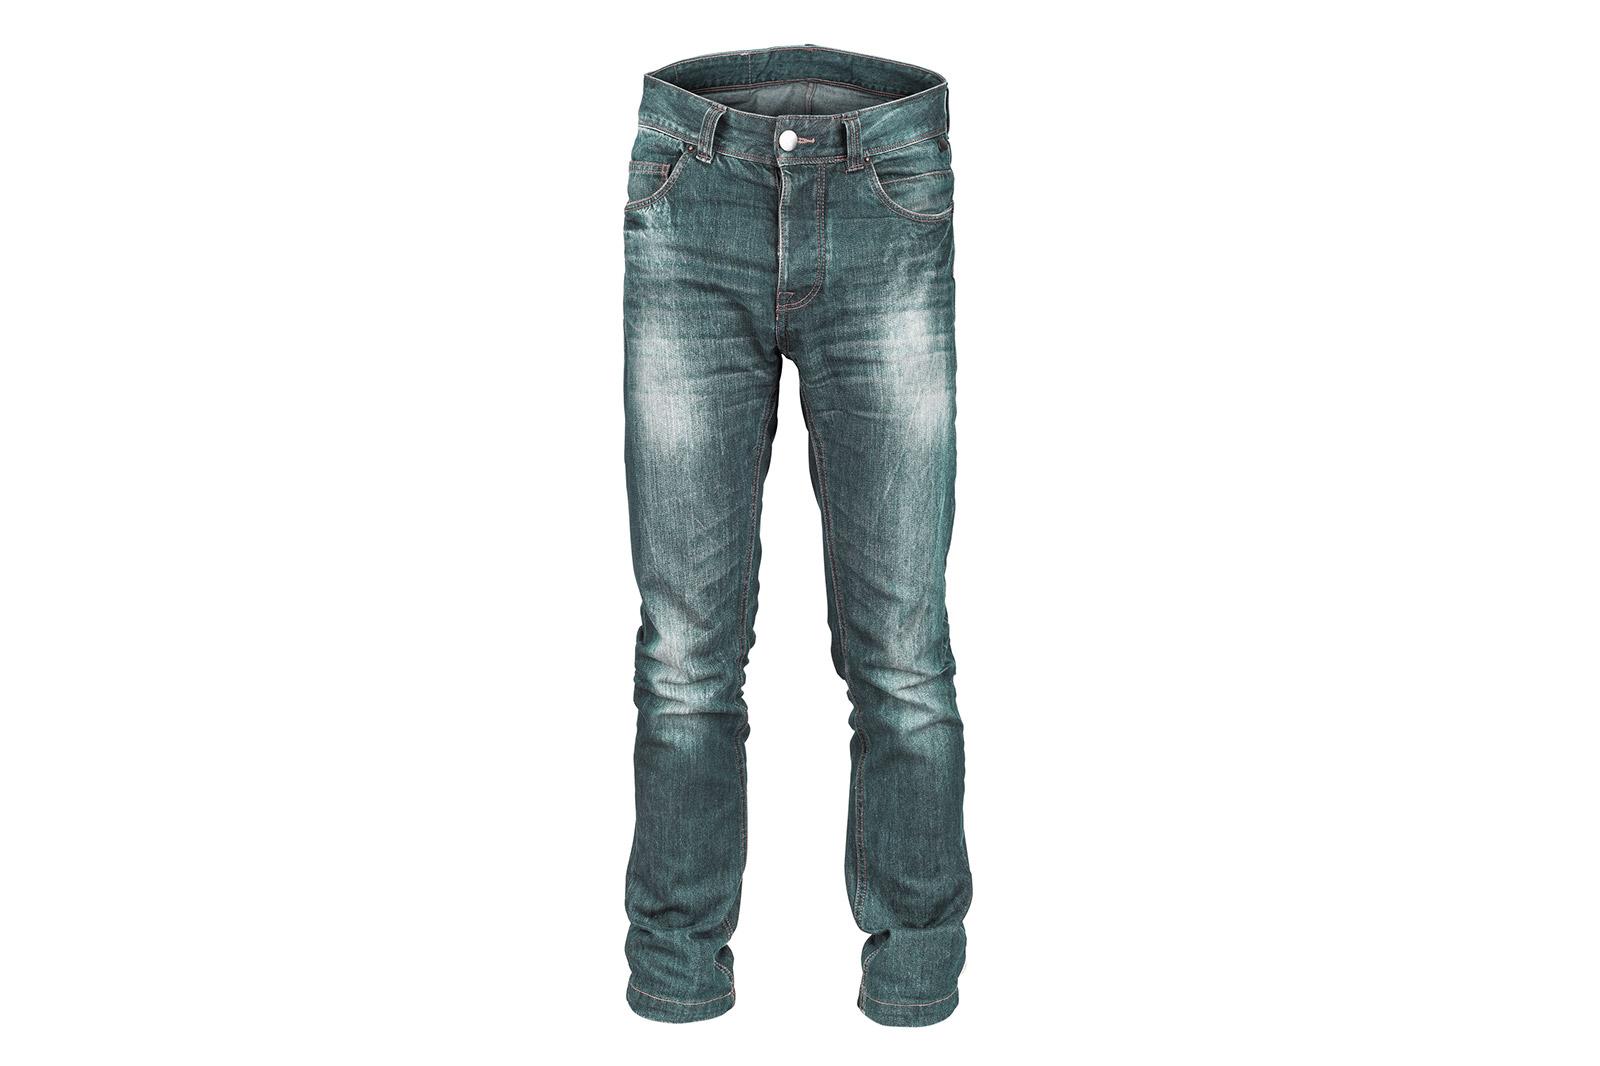 Jeanshose an 3D-Form fotografiert und als «Hollowman» aufbereitet (Körper ist nicht zu sehen), zusätzlich freigestellt.